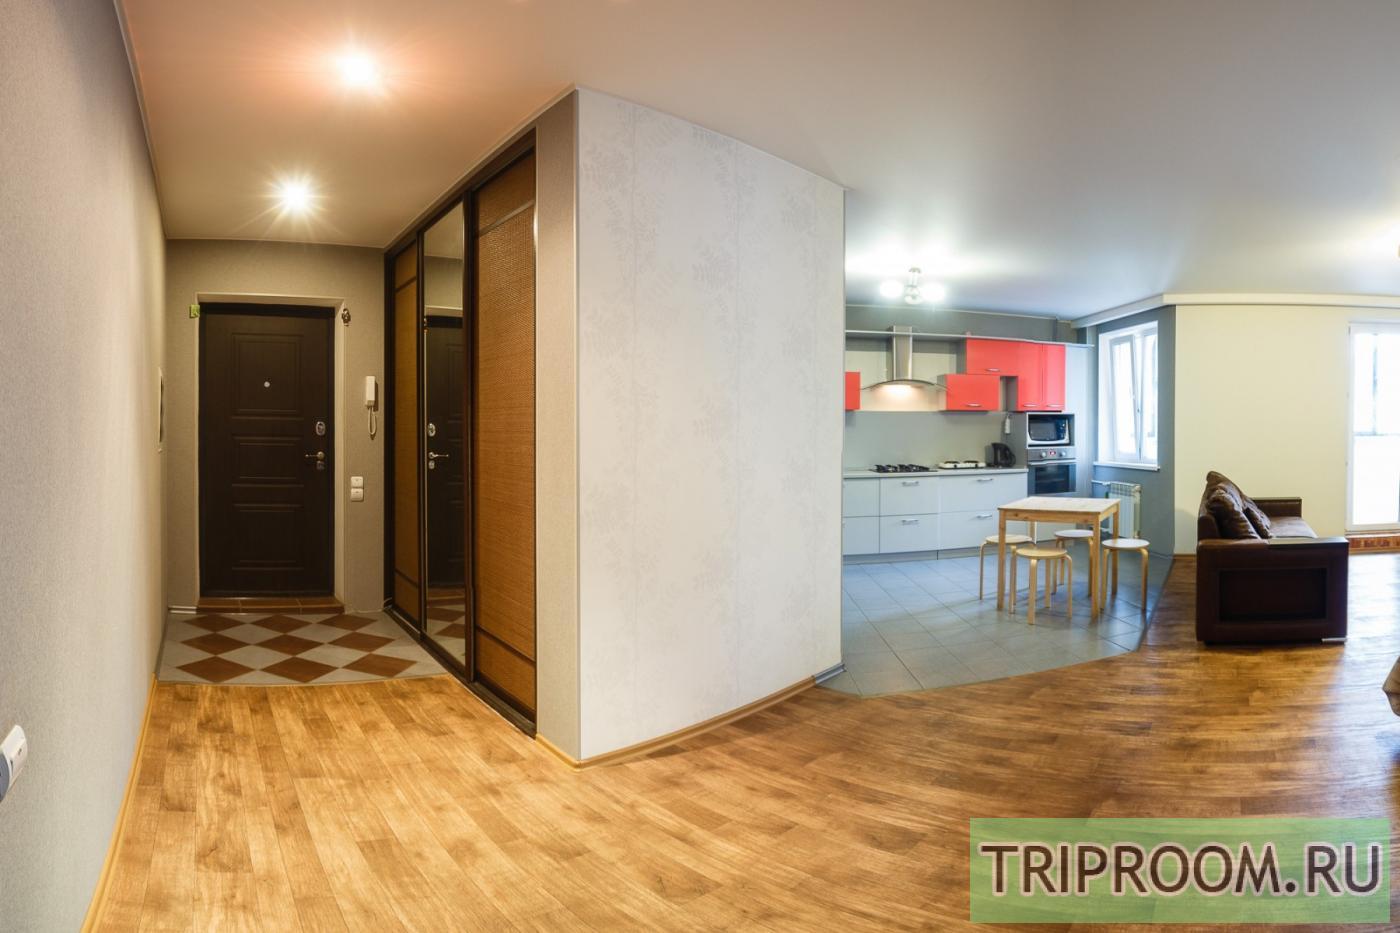 2-комнатная квартира посуточно (вариант № 4976), ул. Волочаевская улица, фото № 8